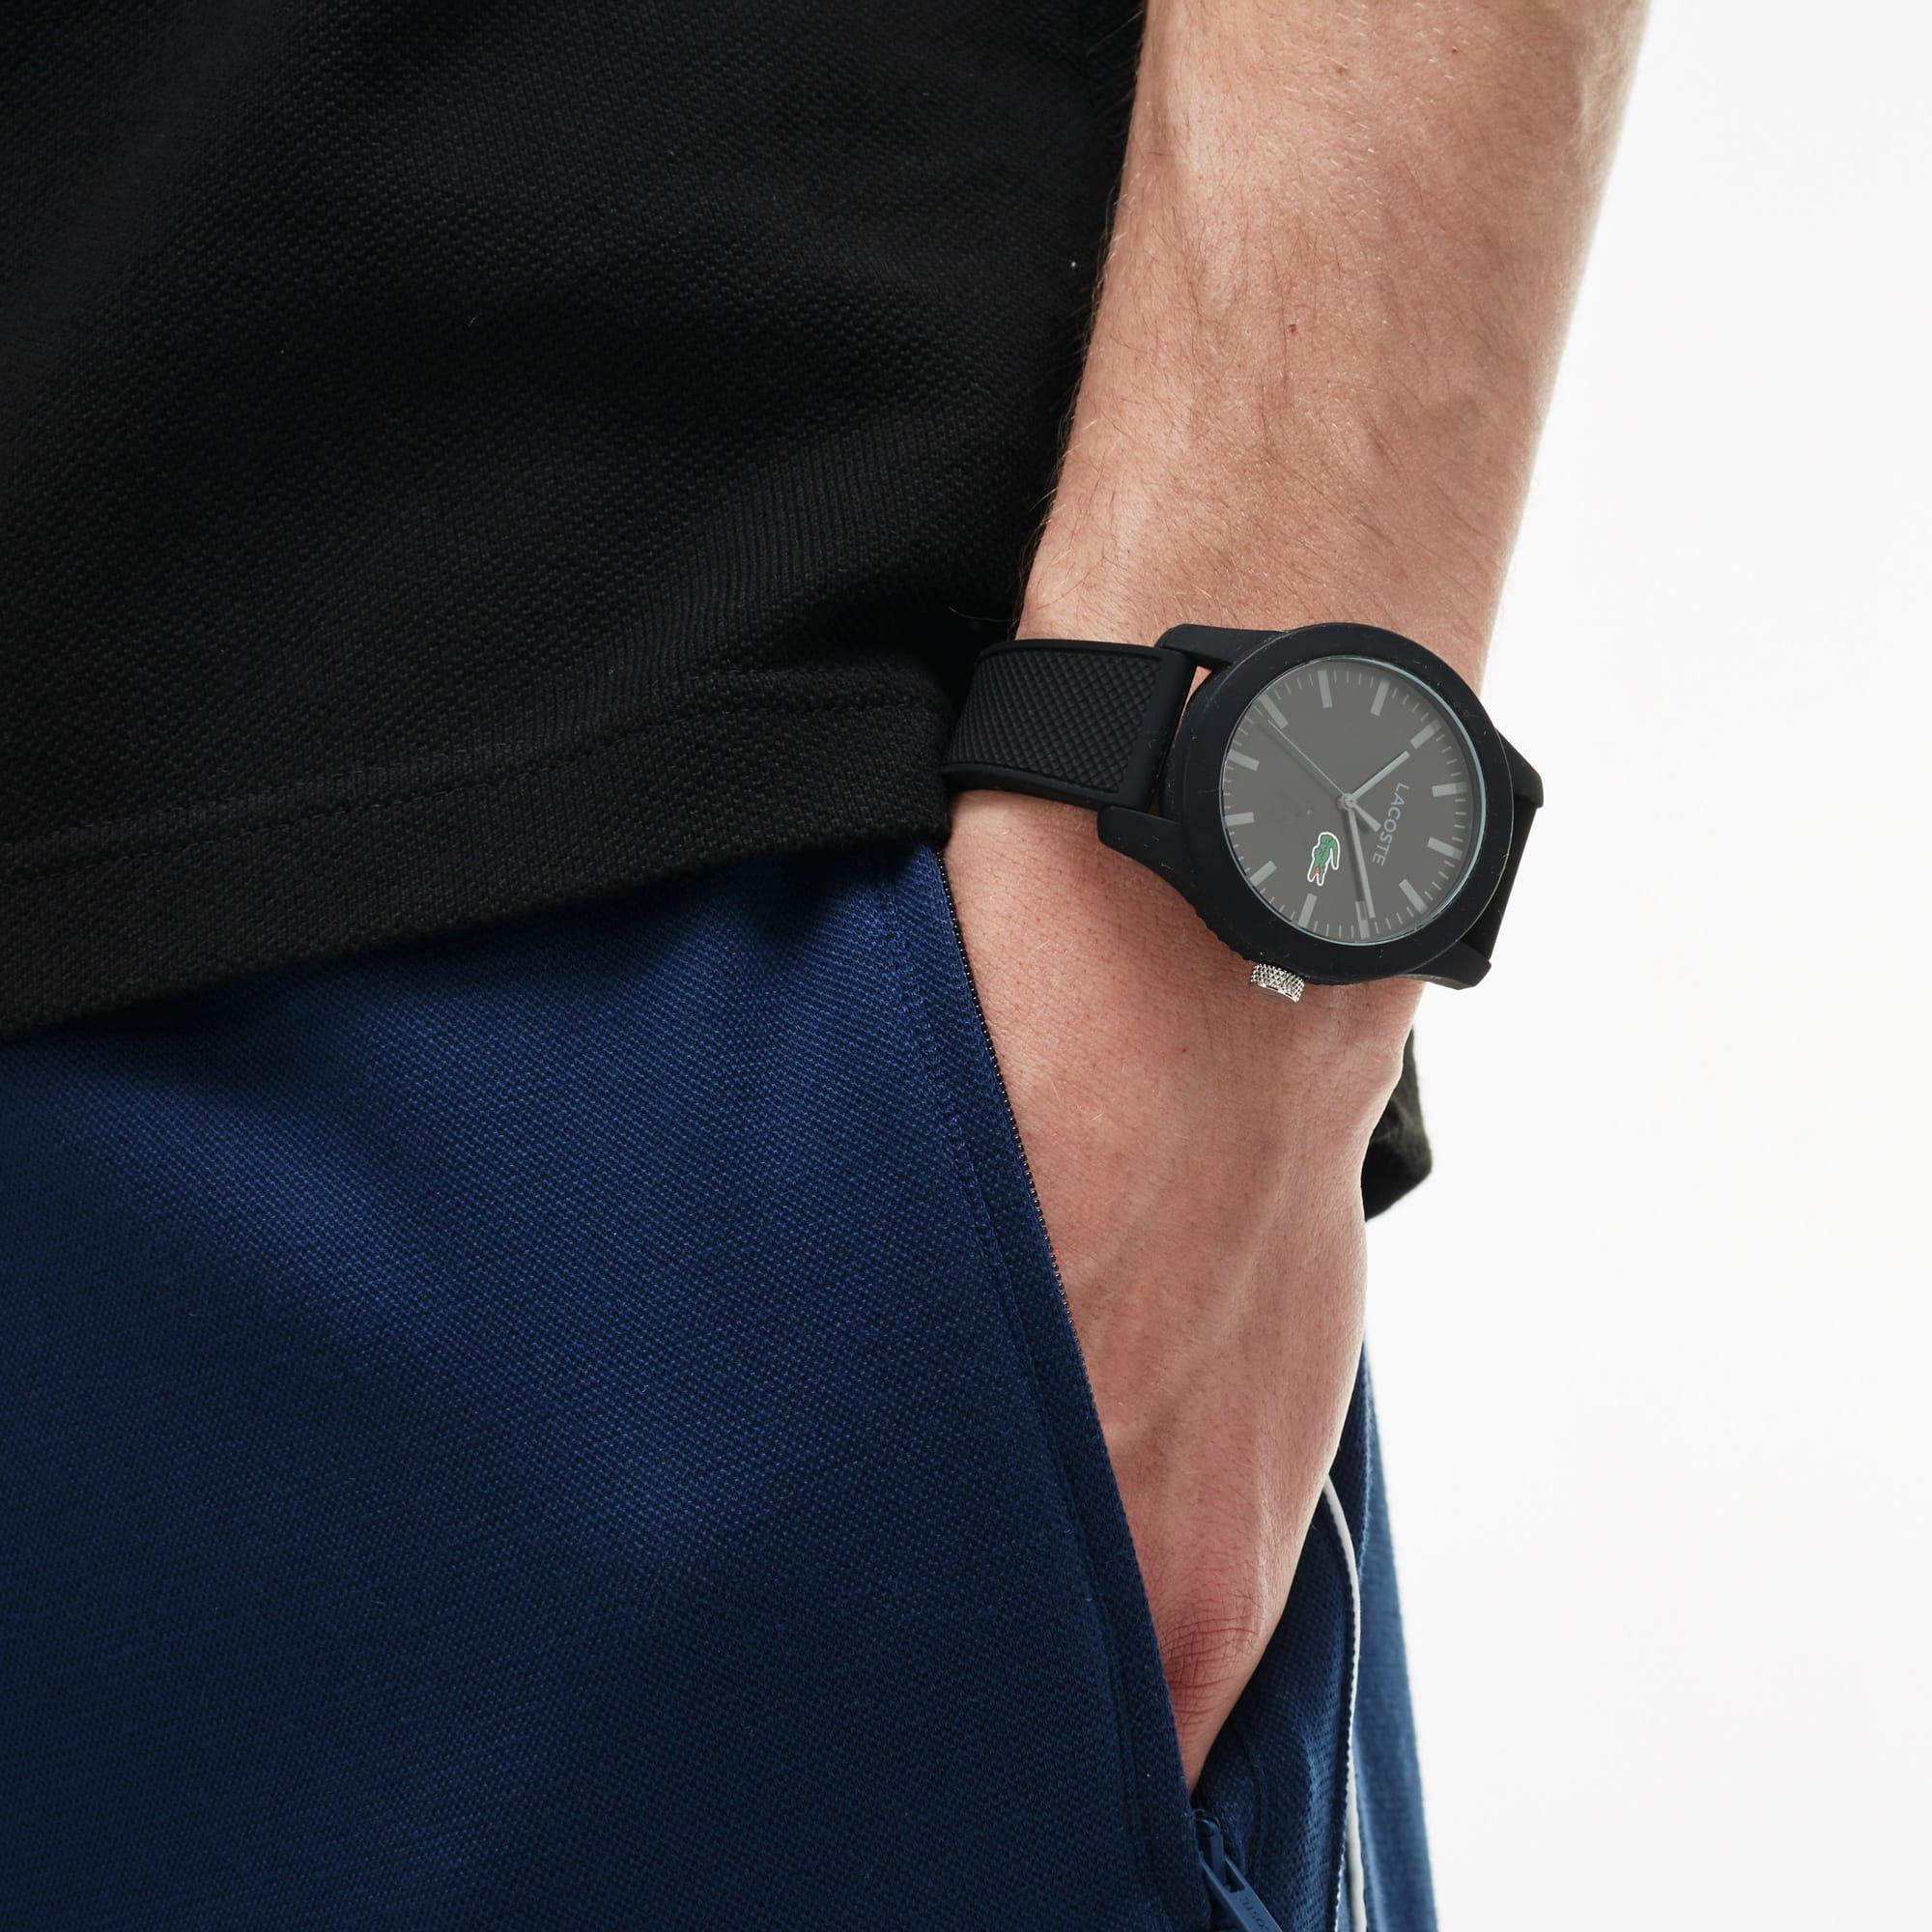 Orologio Lacoste 12.12 da uomo con cinturino in silicone nero